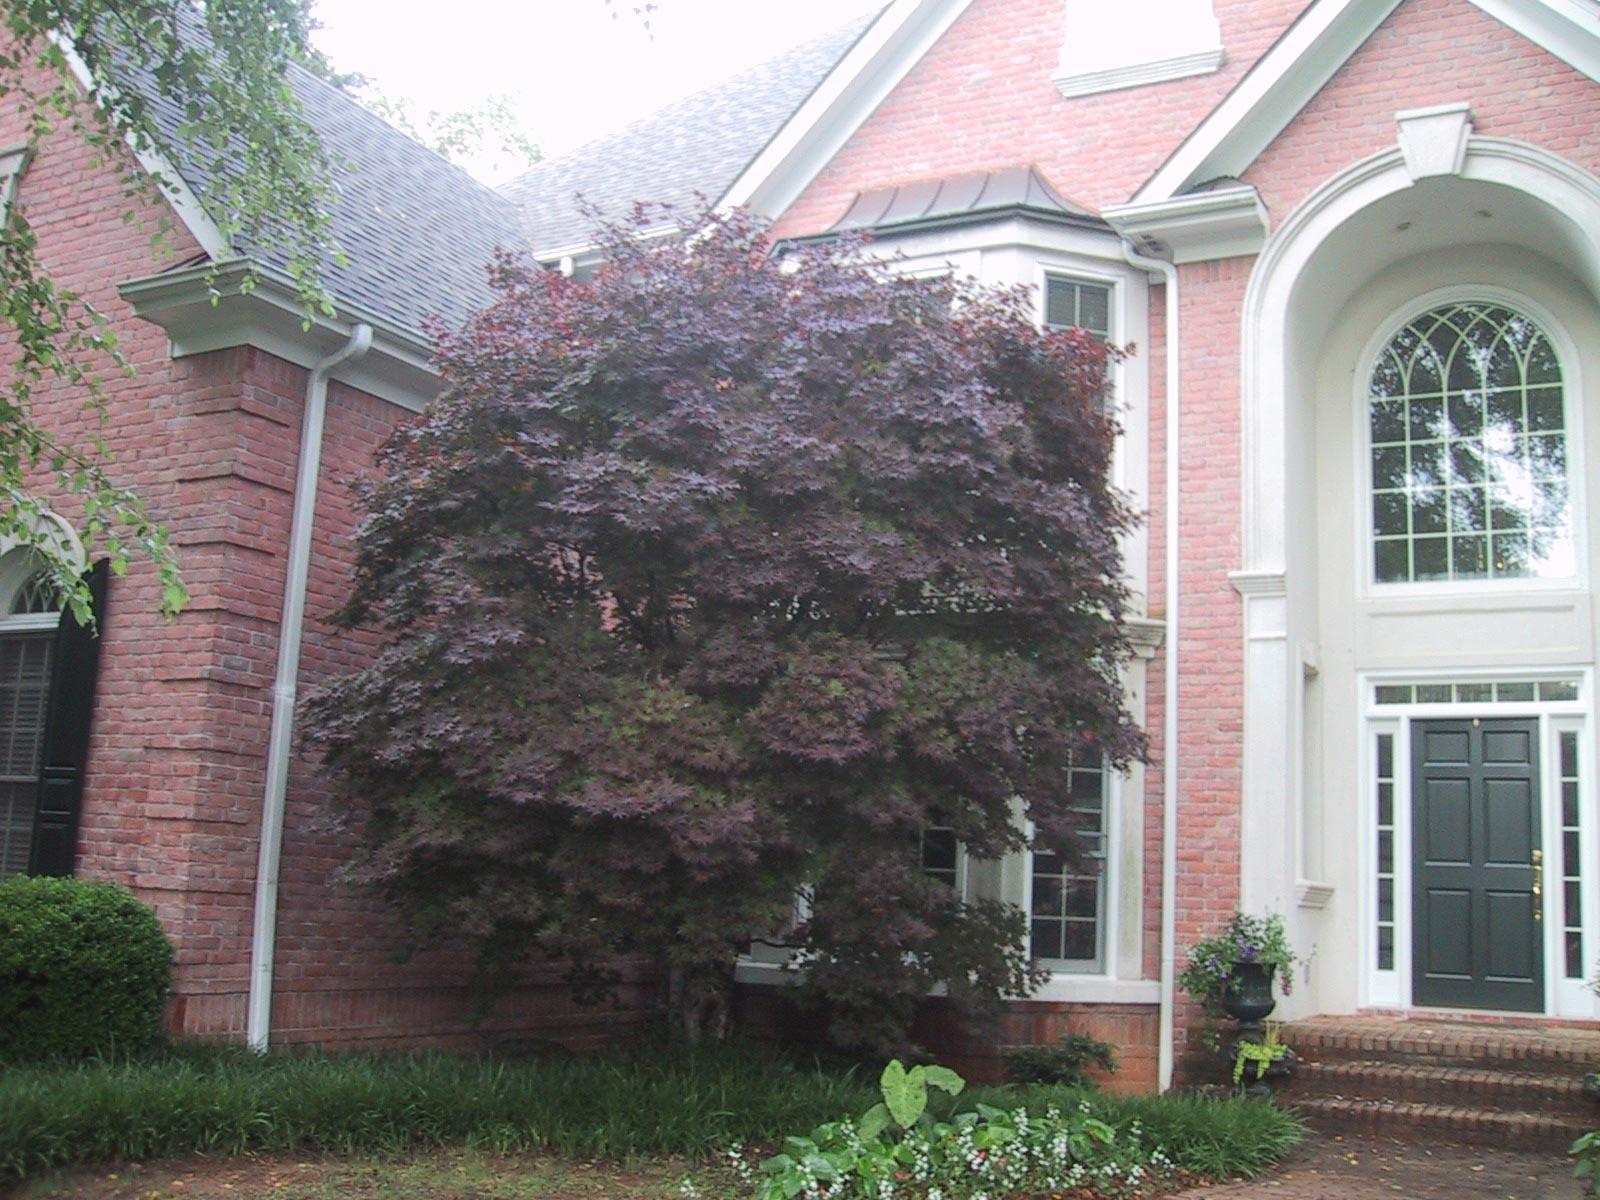 overgrown maple